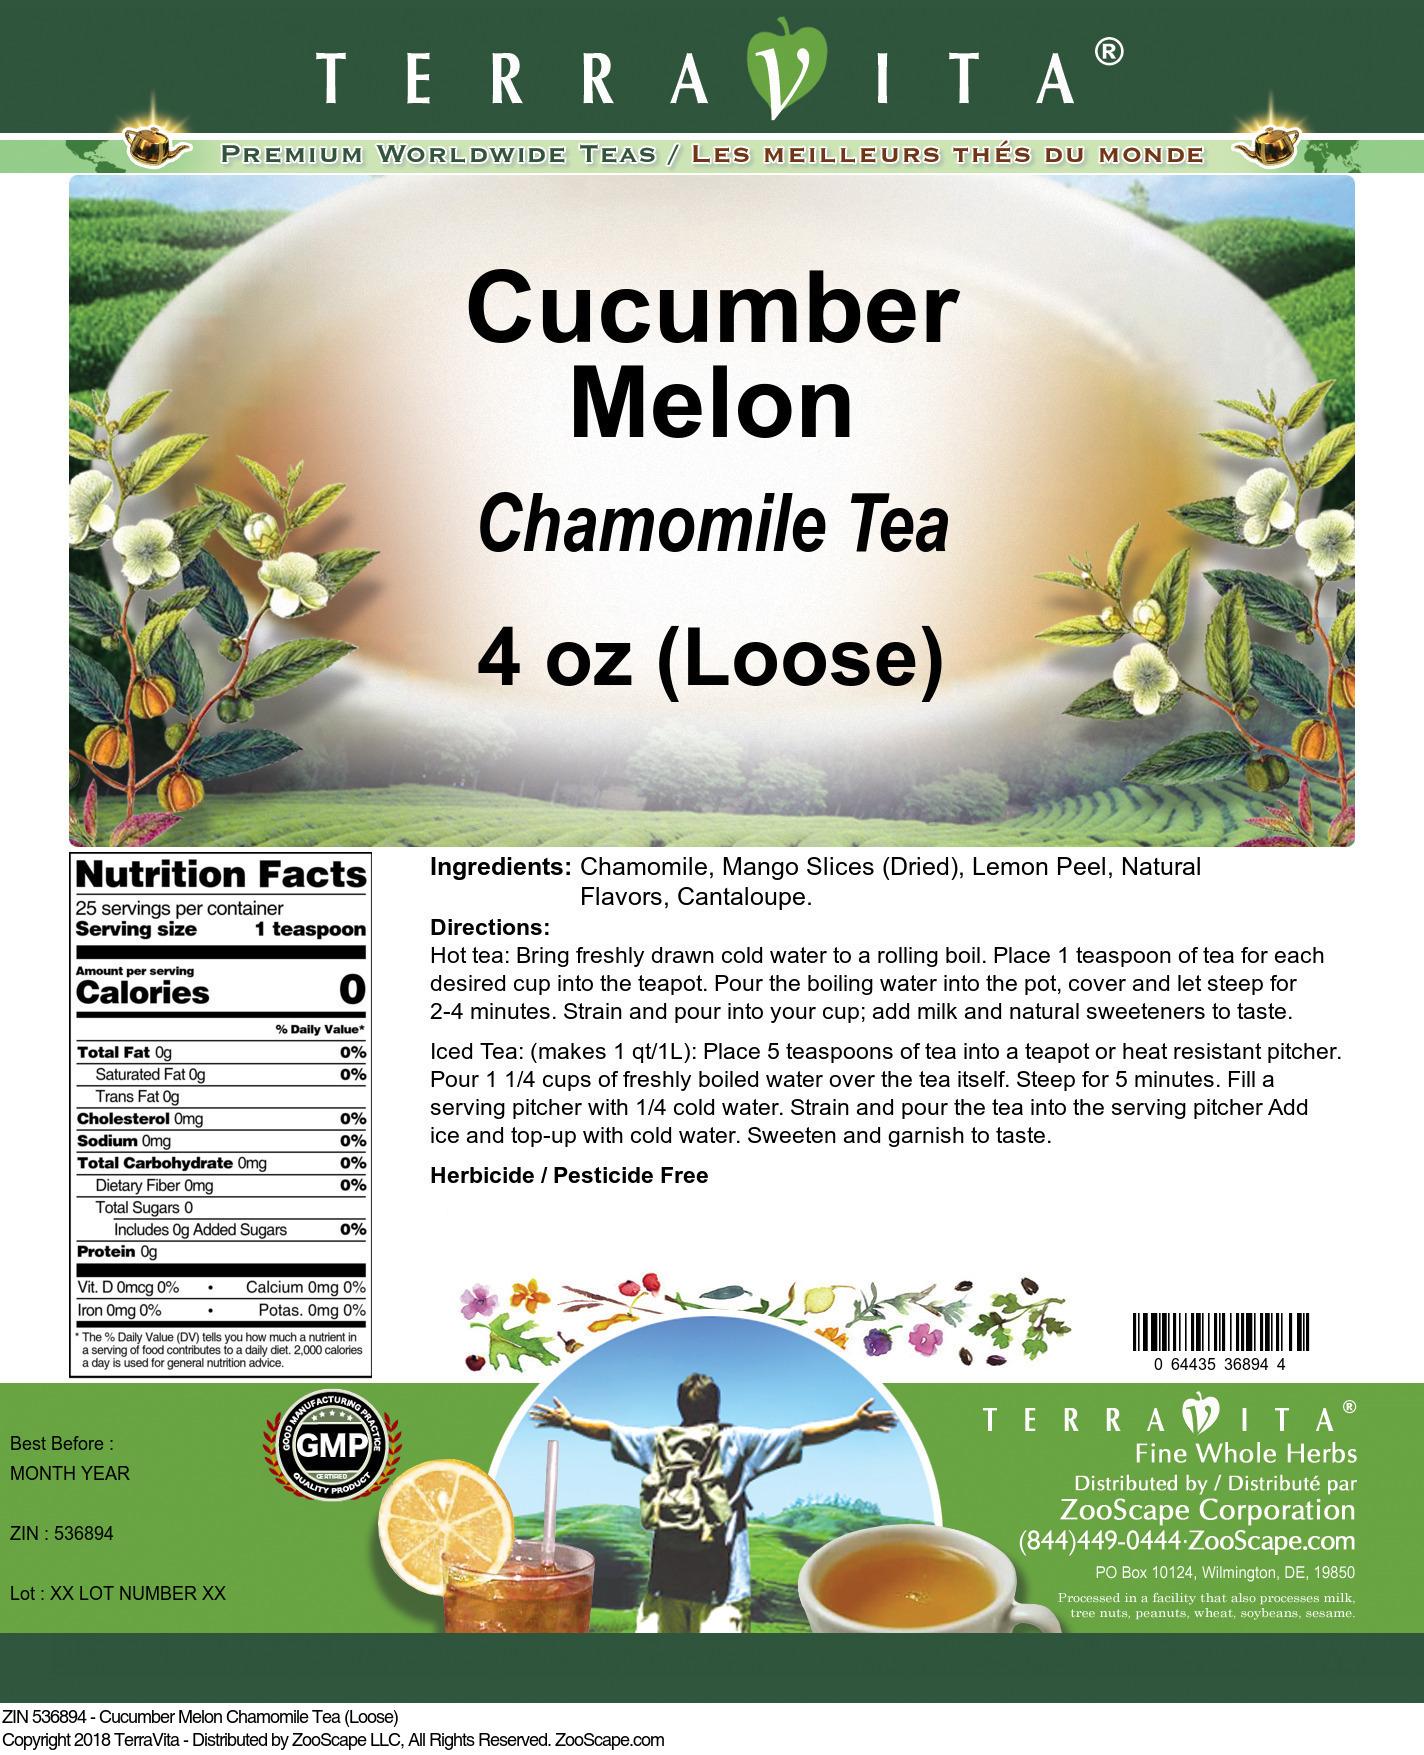 Cucumber Melon Chamomile Tea (Loose)